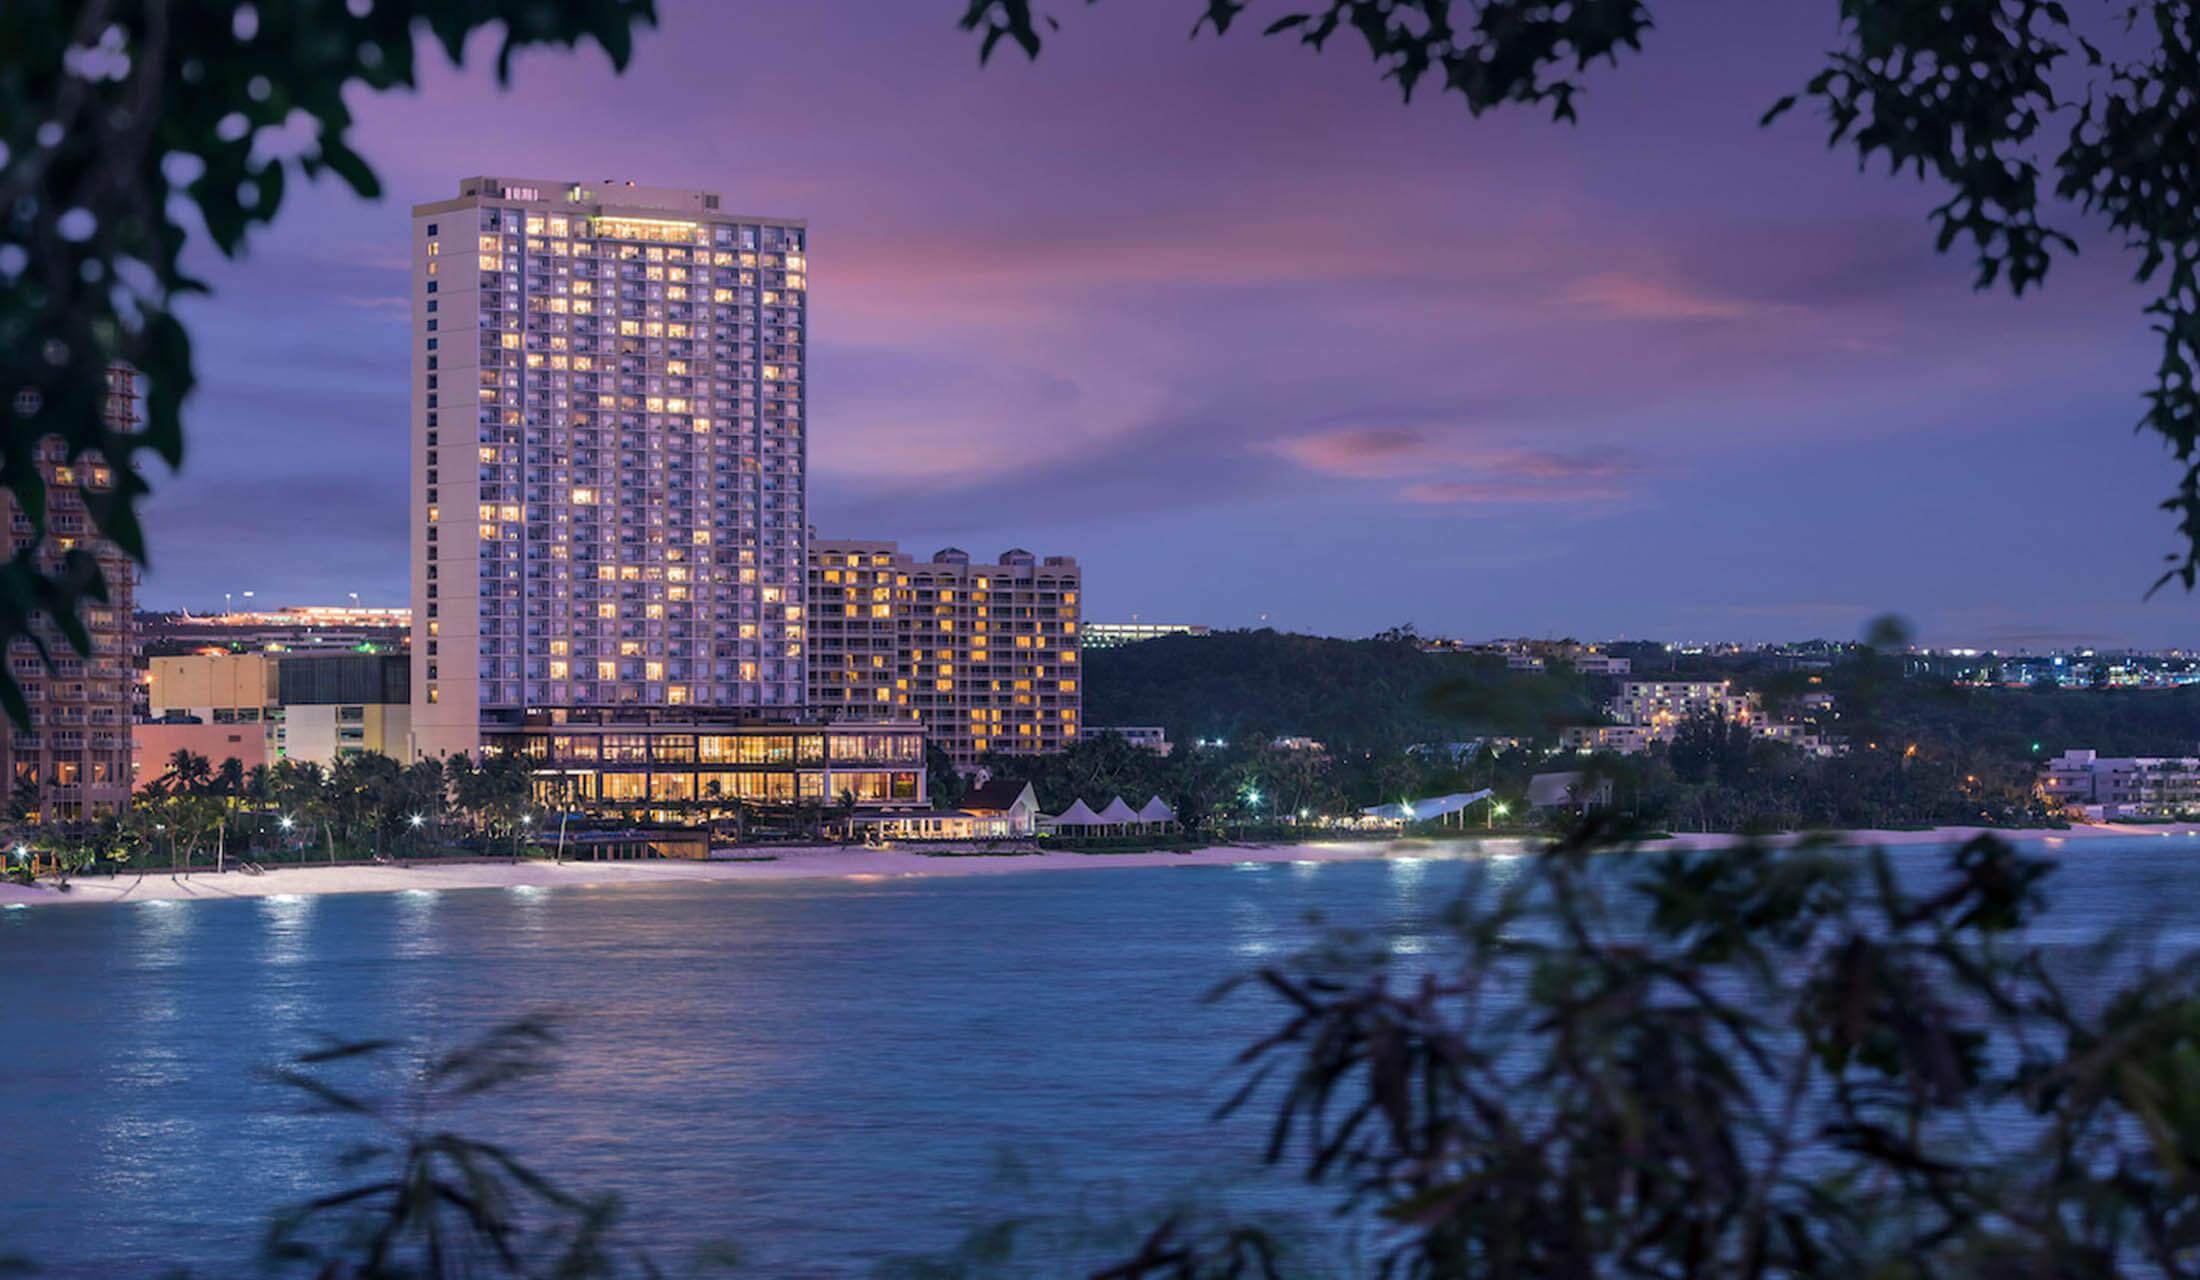 タモン湾の中心地、アウトリガーとハイアットの合間のオンザビーチに位置する「デュシタニグアム リゾート(Dushithani Guam Resort)」